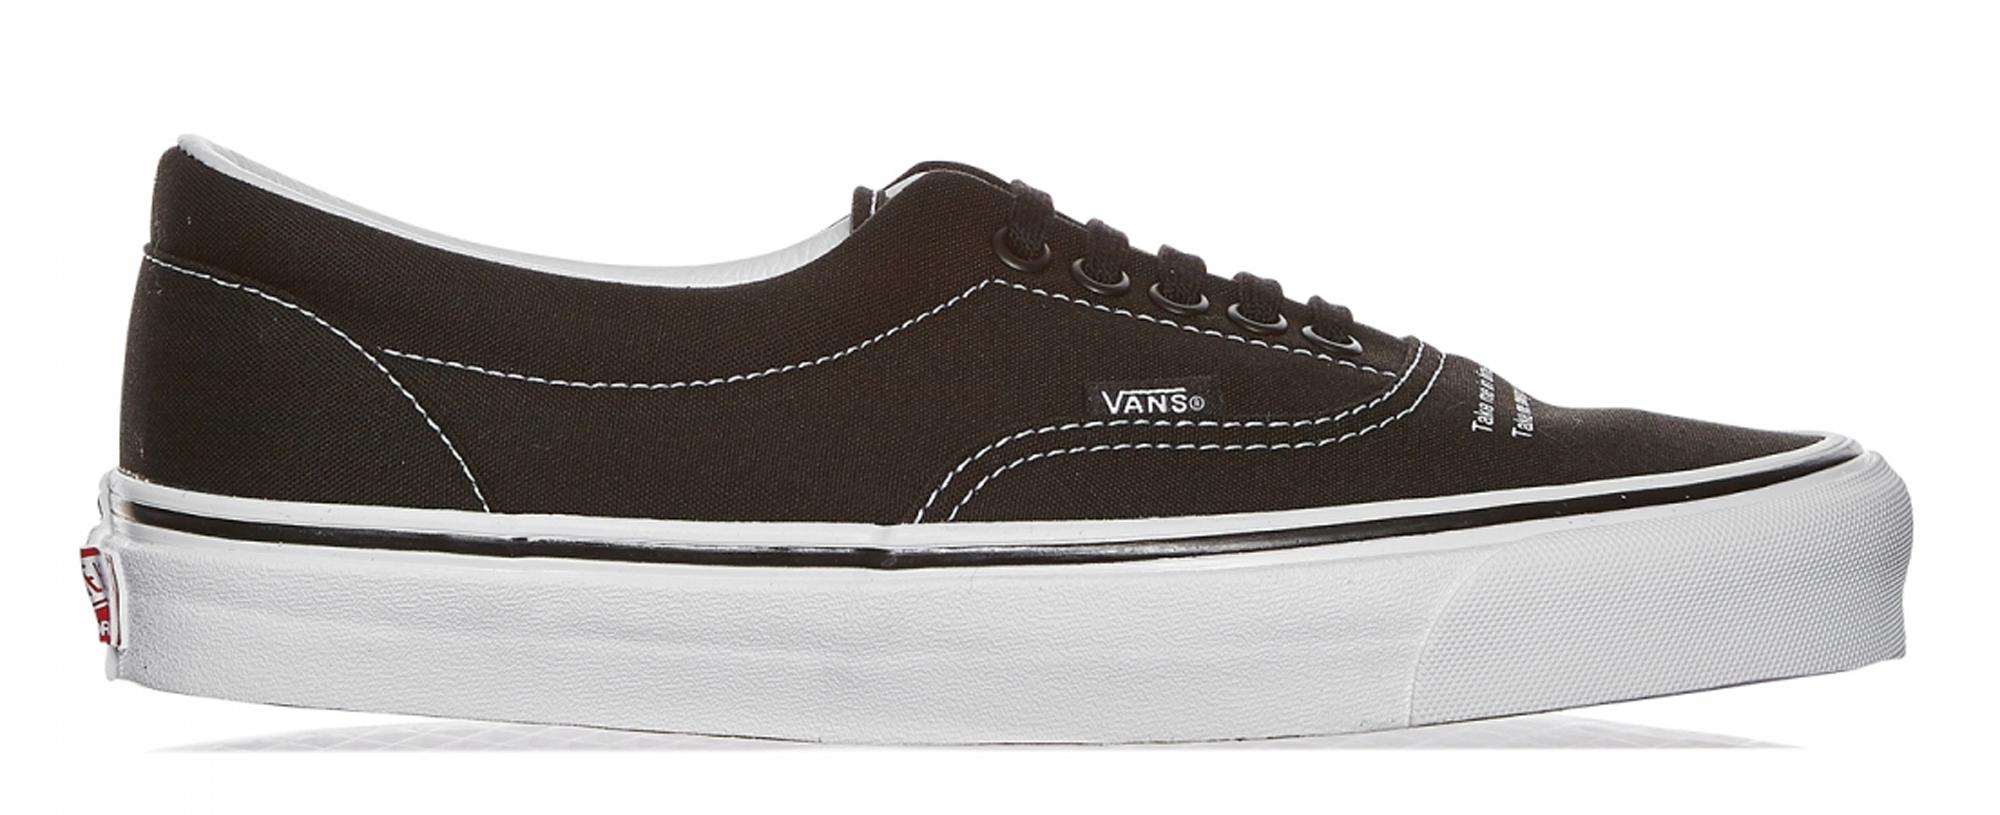 2e552bc2482b Vans Vault OG Era LX Undercover Colorway  Black White Style  VA3CXNNTK  Release Date  02.04.17